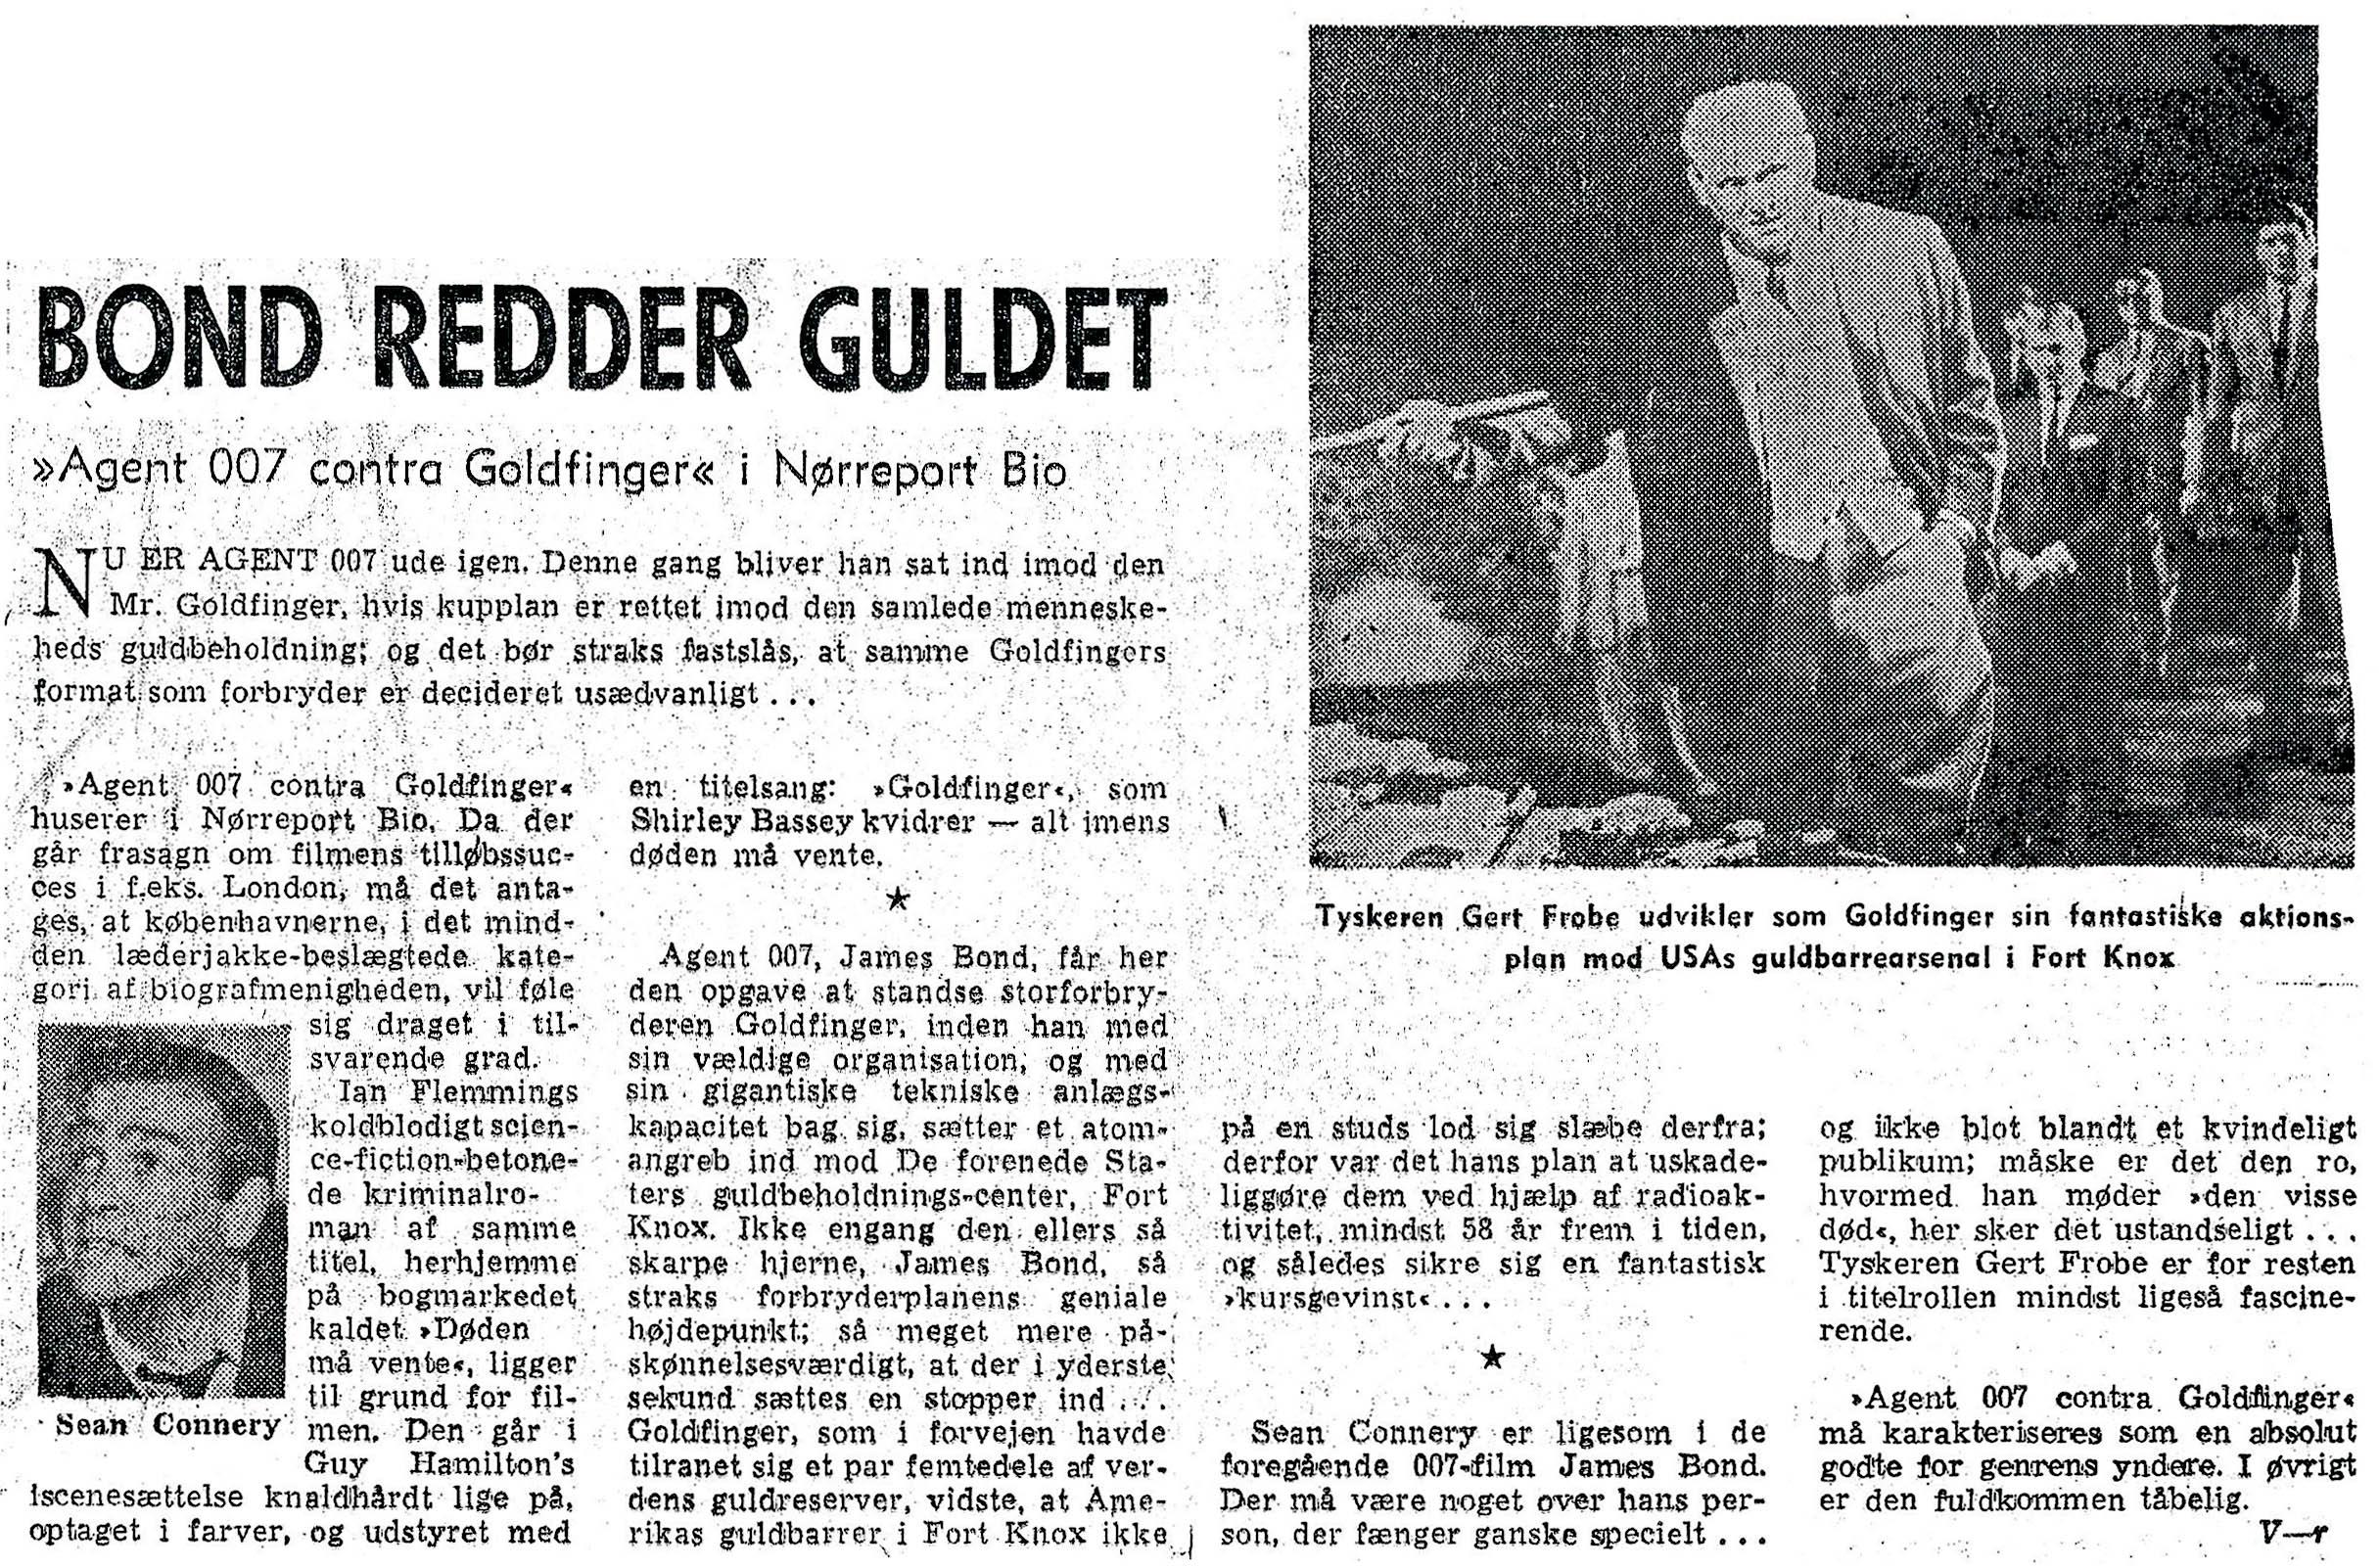 GOLDFINGER Aktuelt (27.12.64)